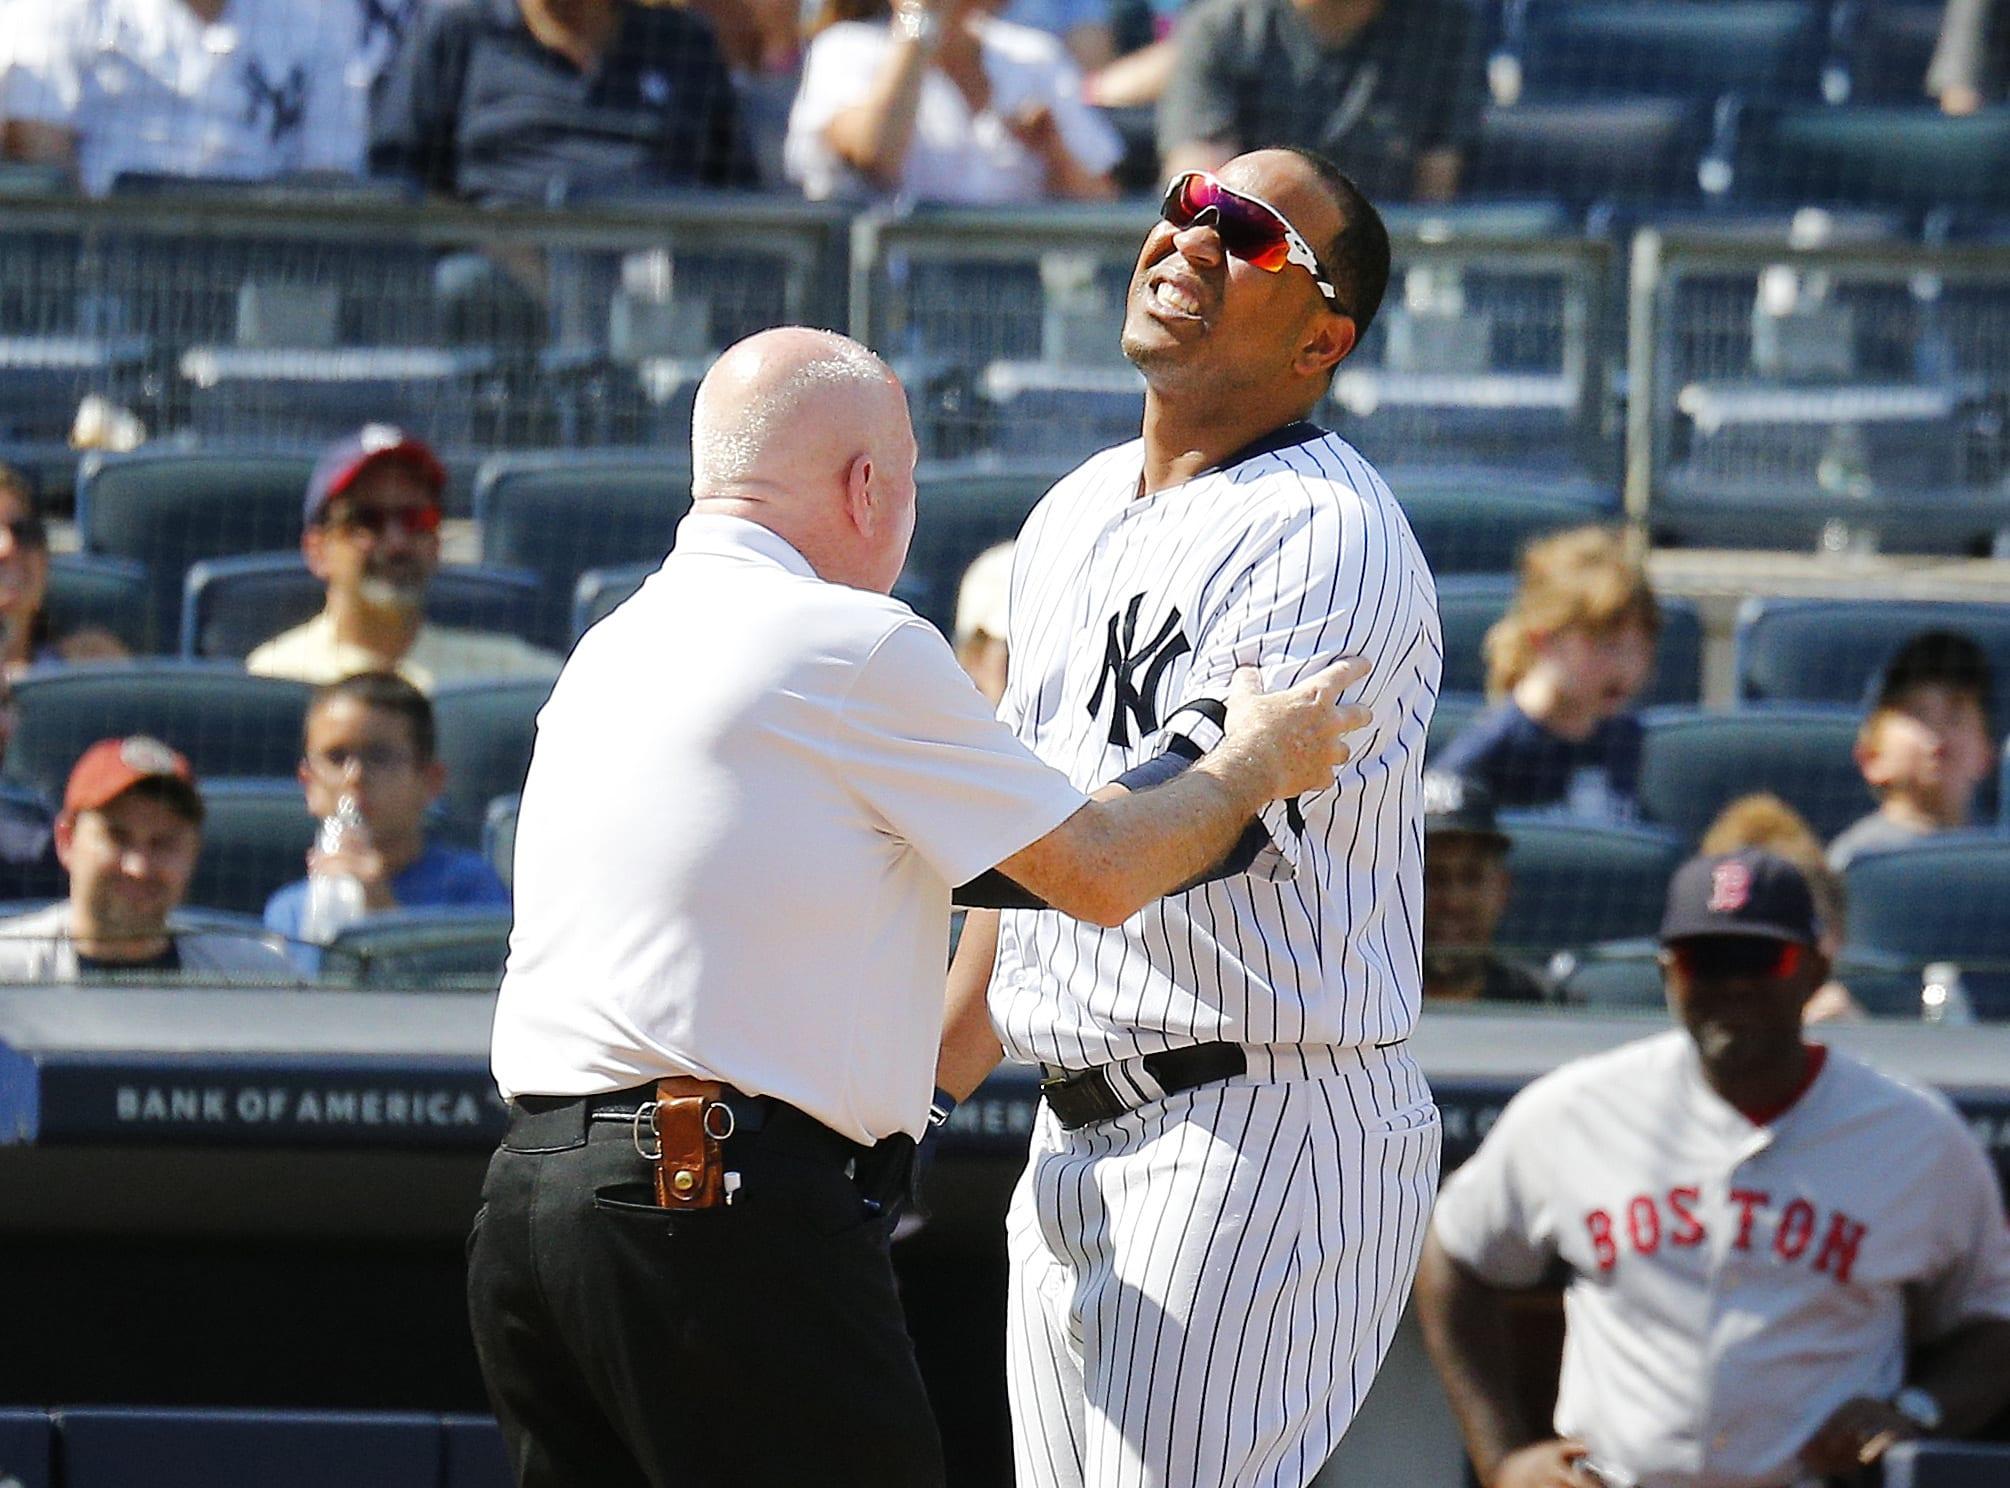 Should New York Yankees shortstop Didi Gregorius be considered a top five shortstop?